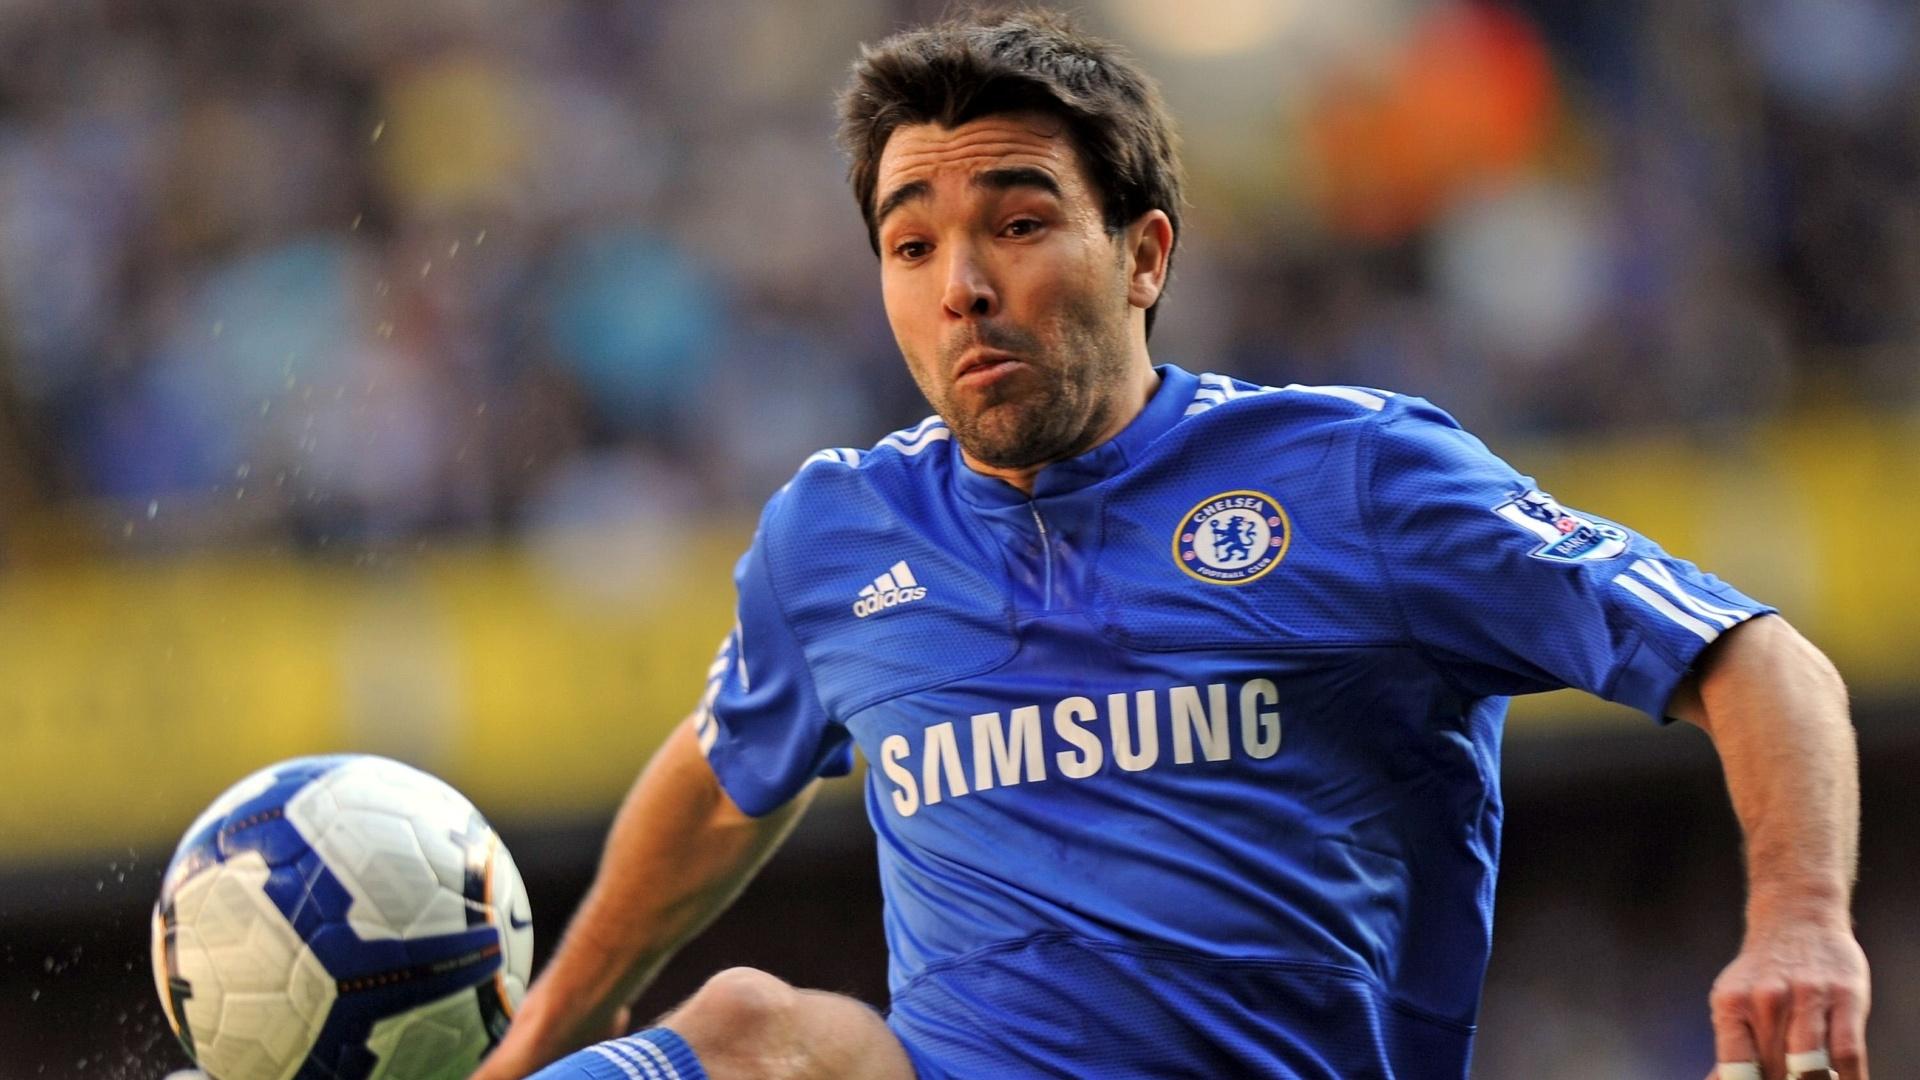 Deco em ação pelo Chelsea, após passagem pelo Barcelona